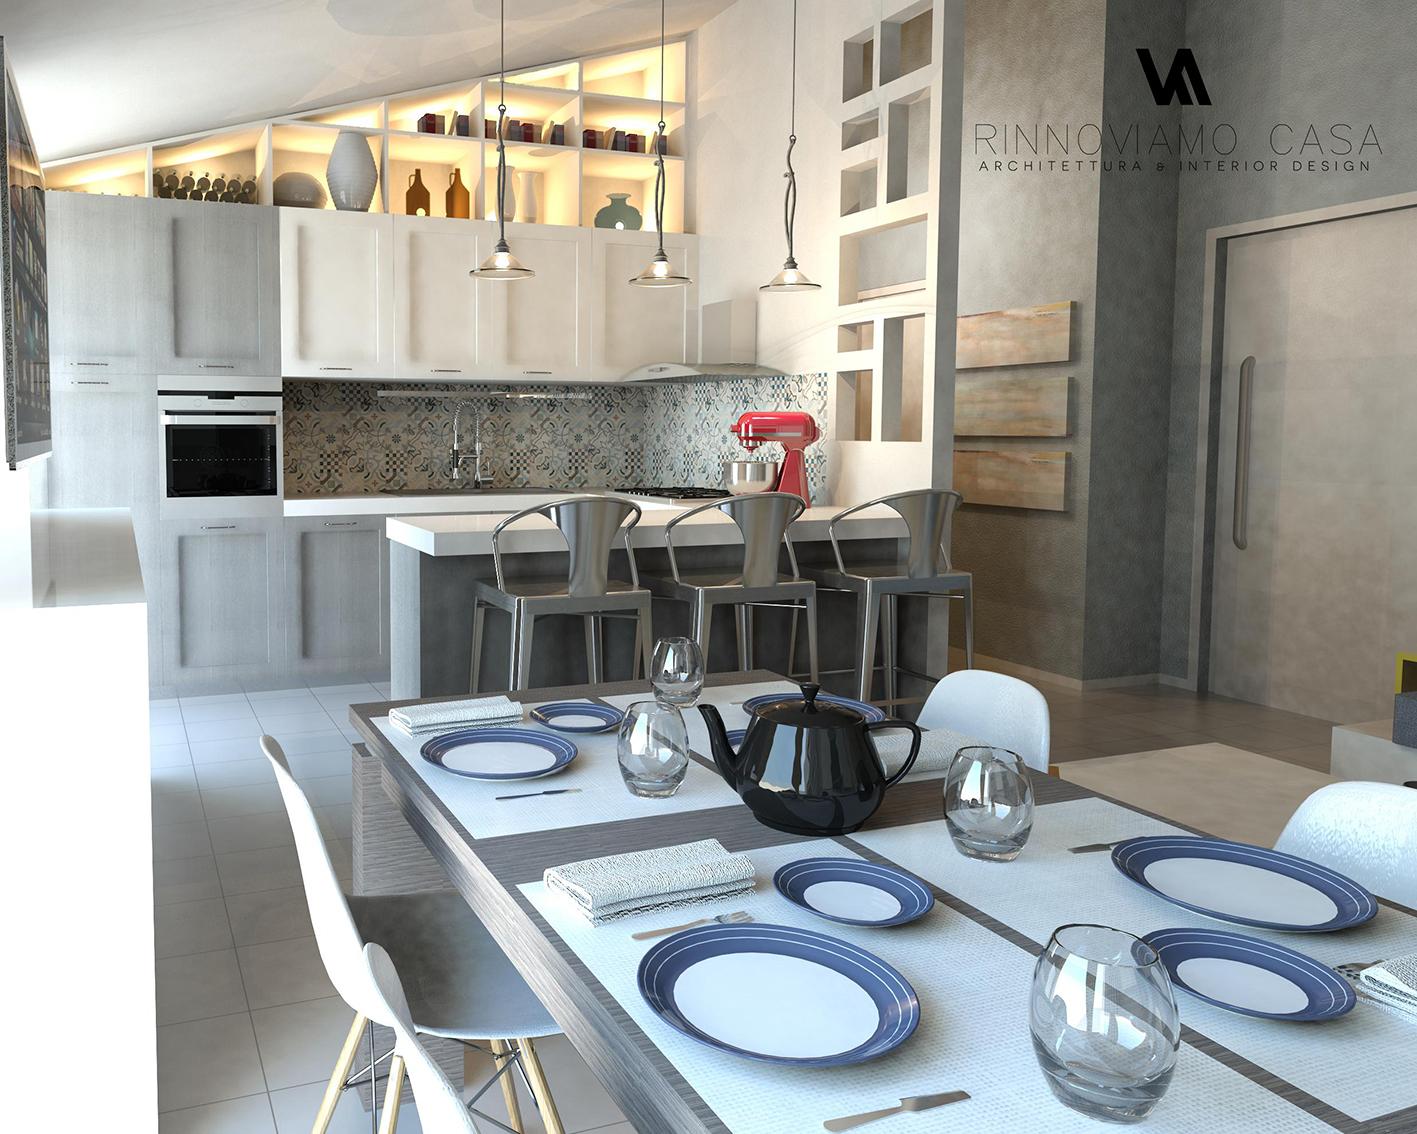 Progetti rinnoviamo casa consulenza architettonica e for Progettazione interni on line